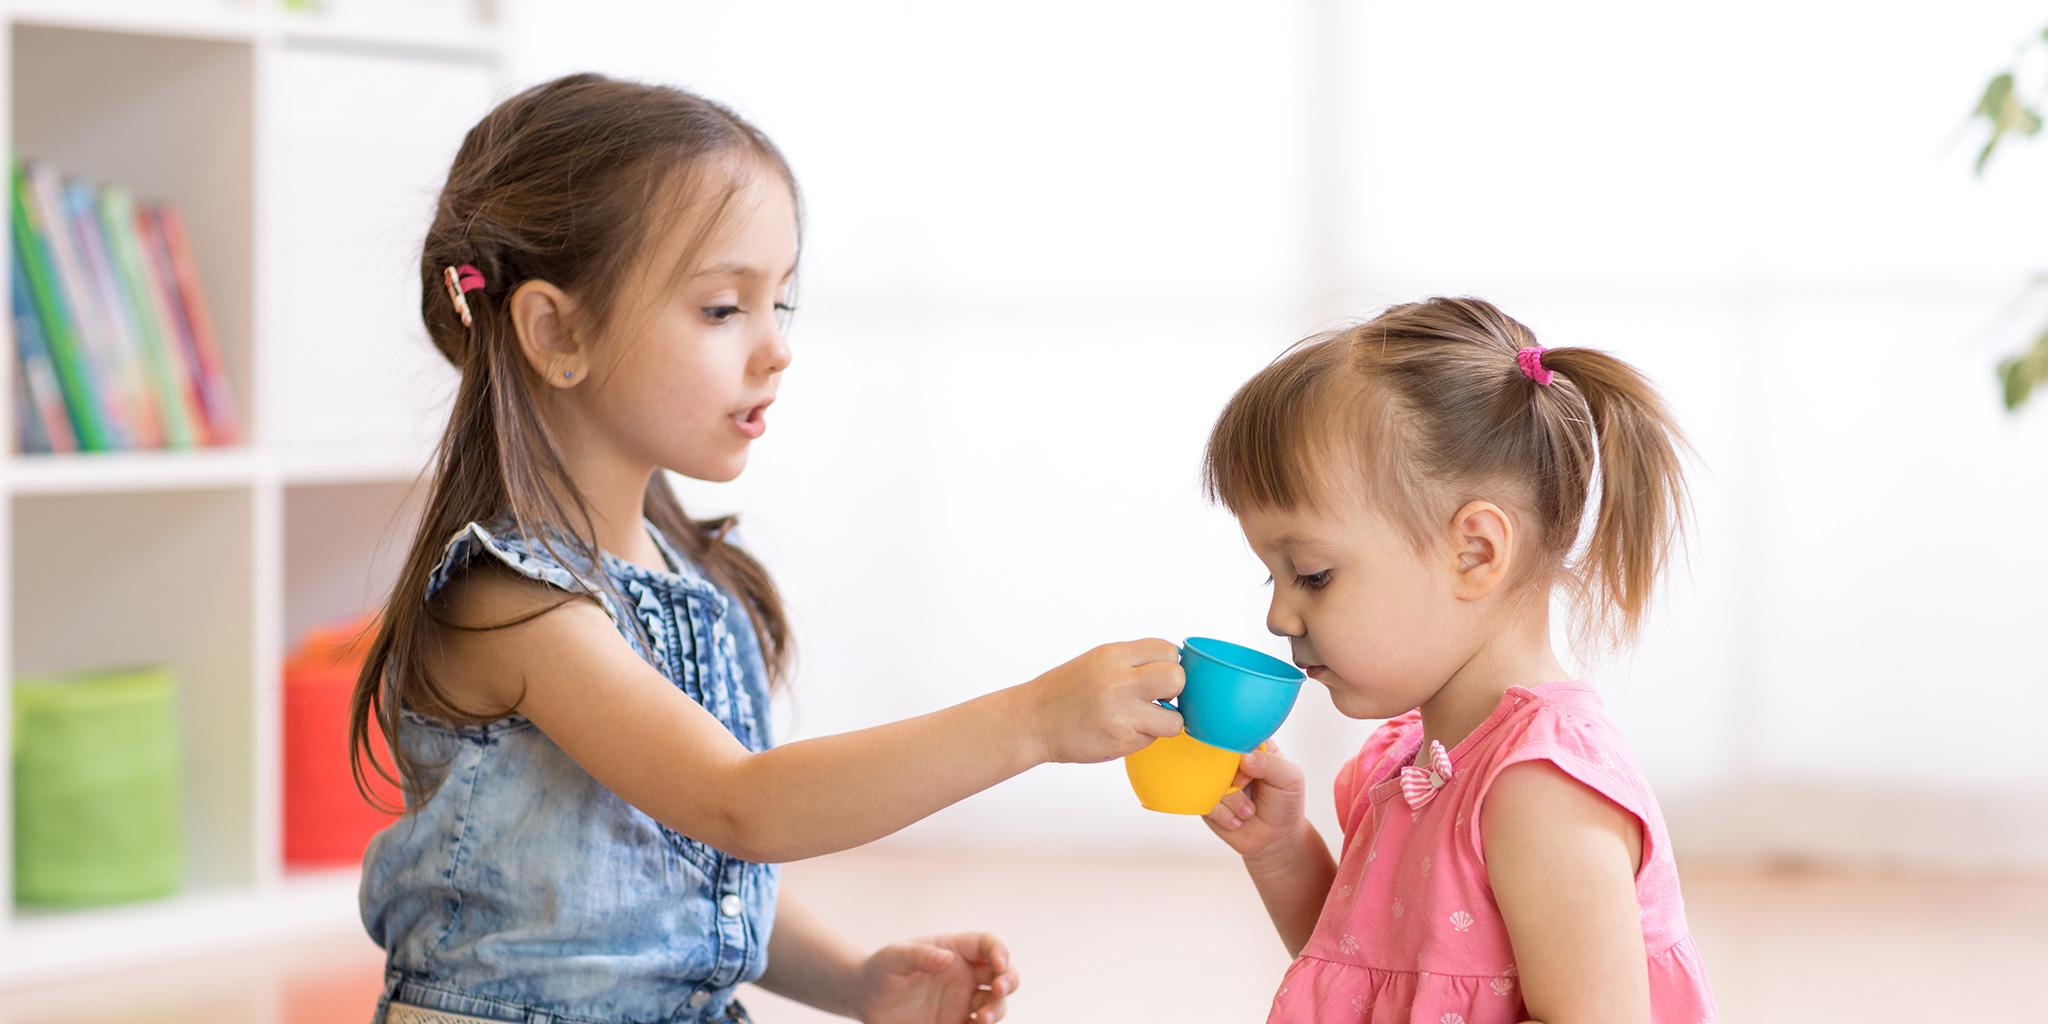 Når du lader dine børn med en babysitter for første gang